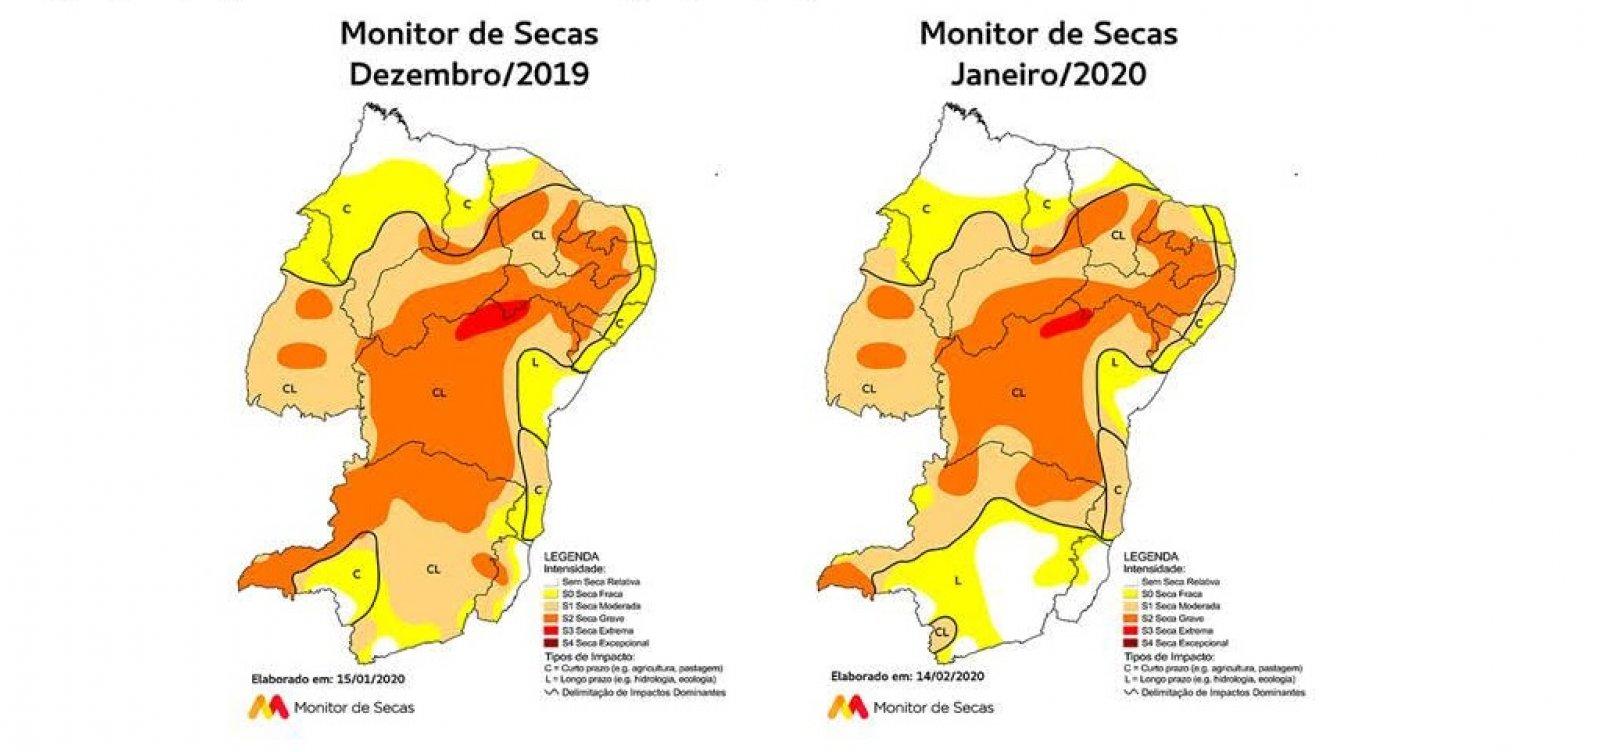 [Monitor aponta redução da área com seca na Bahia, com exceção do extremo sul]